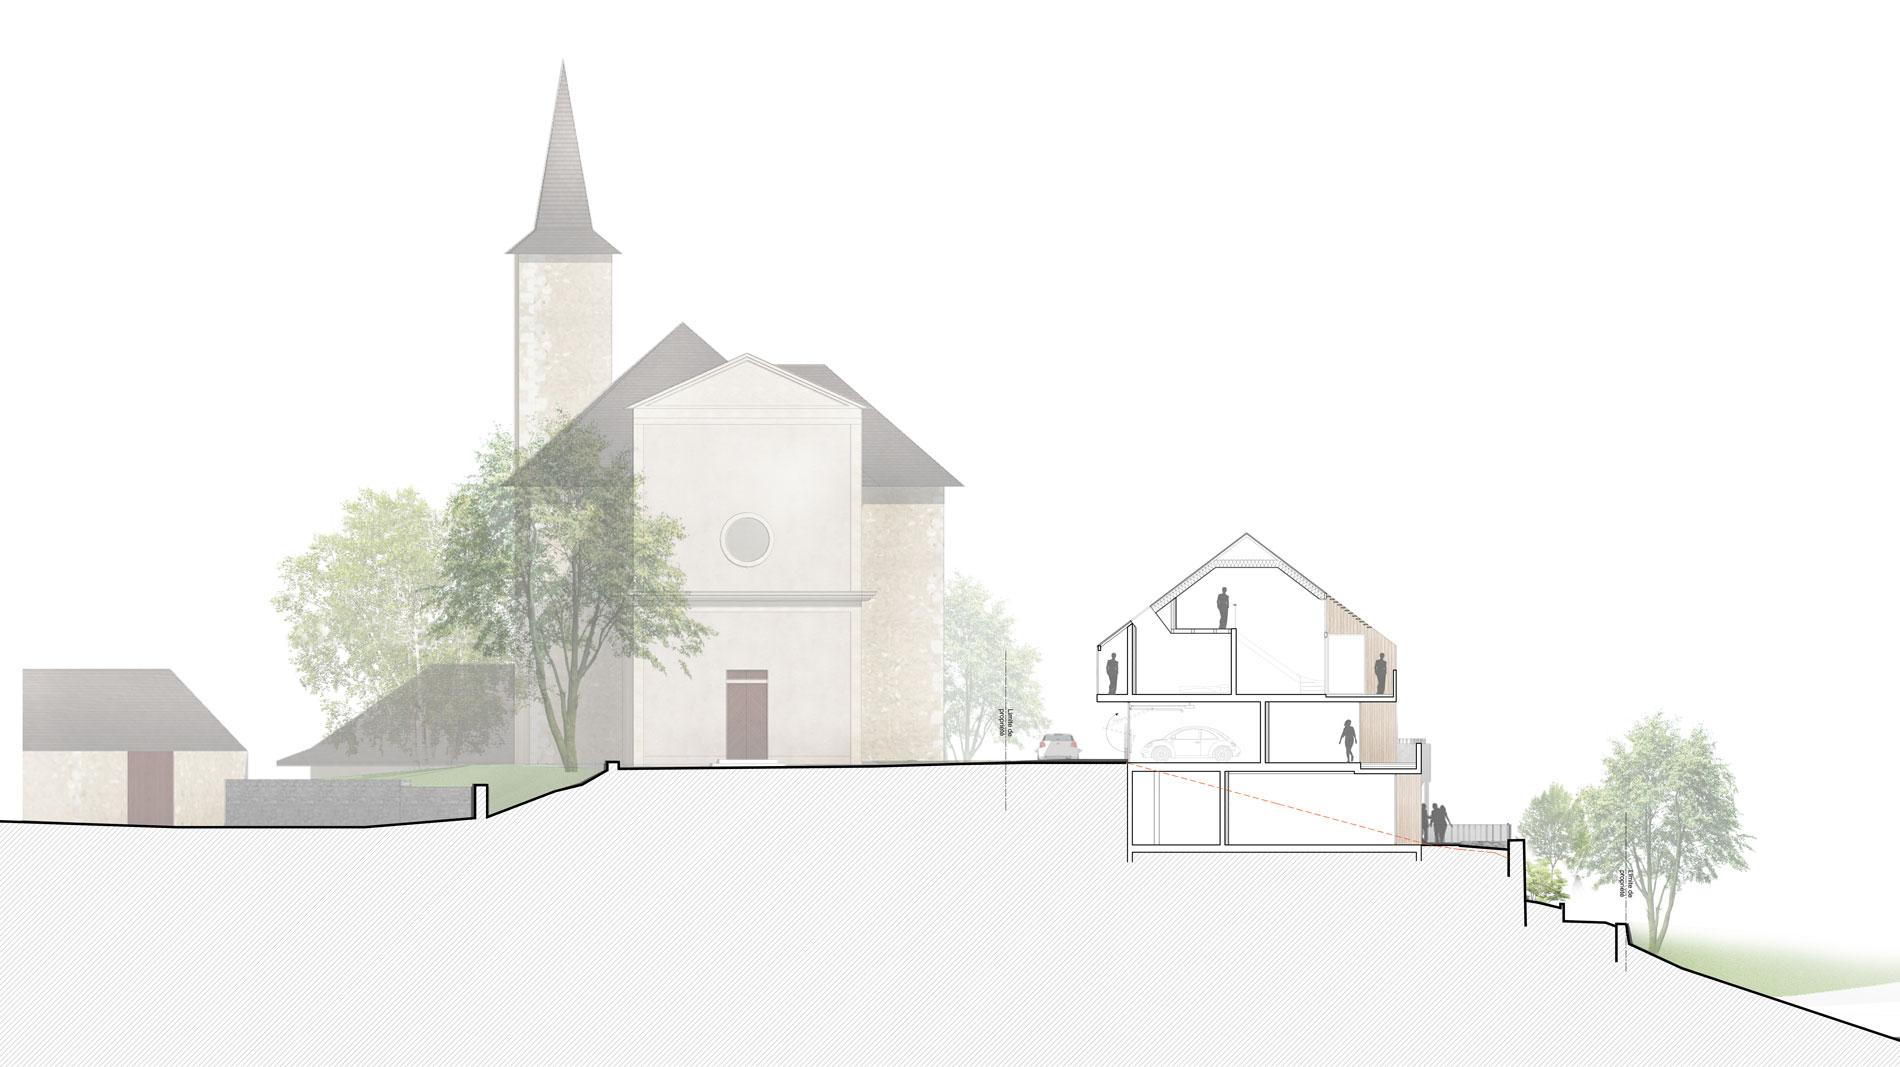 concours-saint-sulpice-savoie-logements-chef-lieu-habitat-dans-la-pente-coupe-1